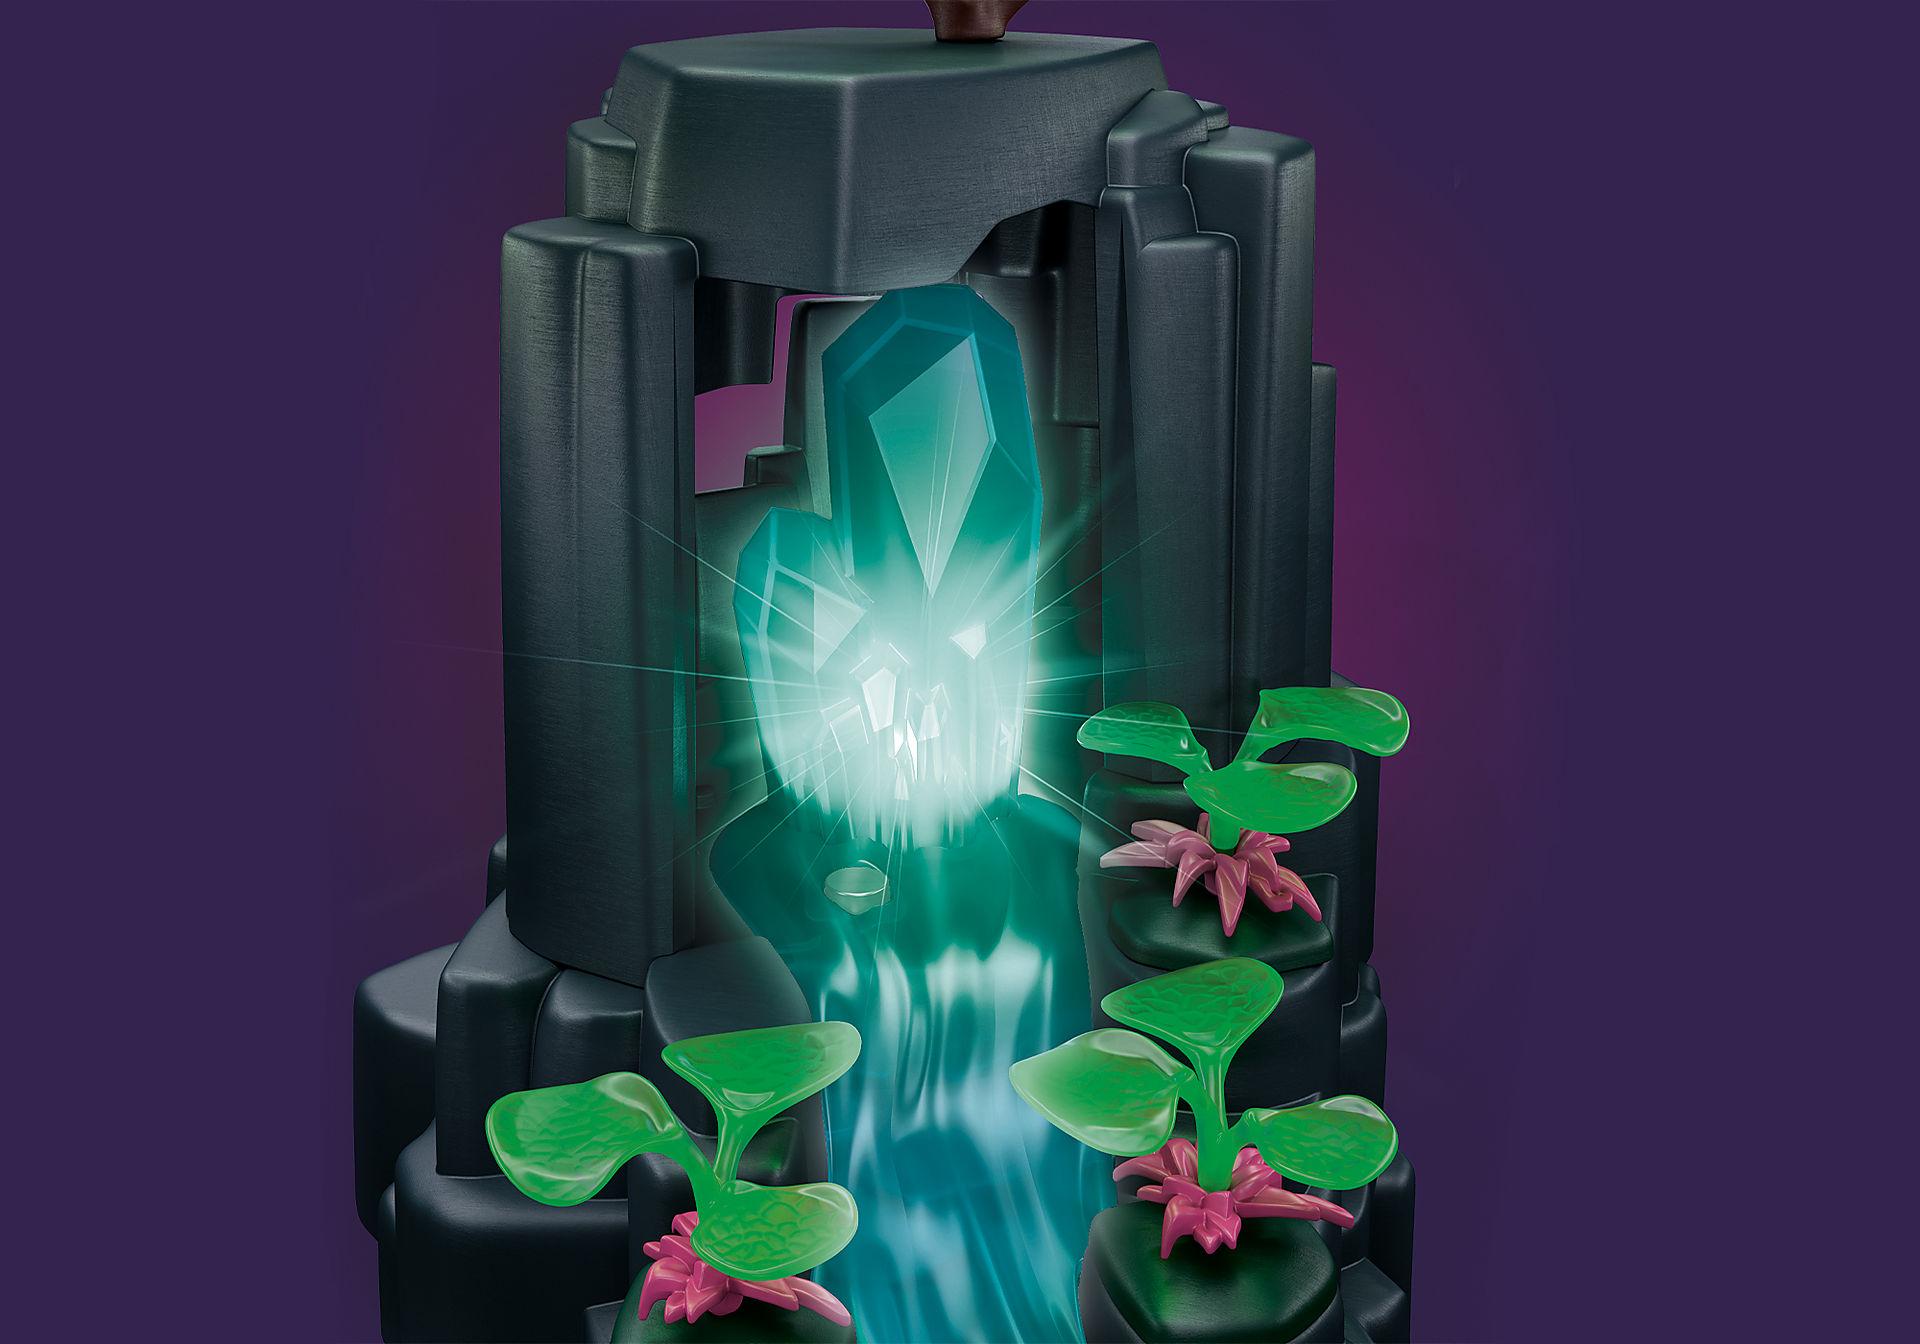 70800 Fonte de energia mágica zoom image9